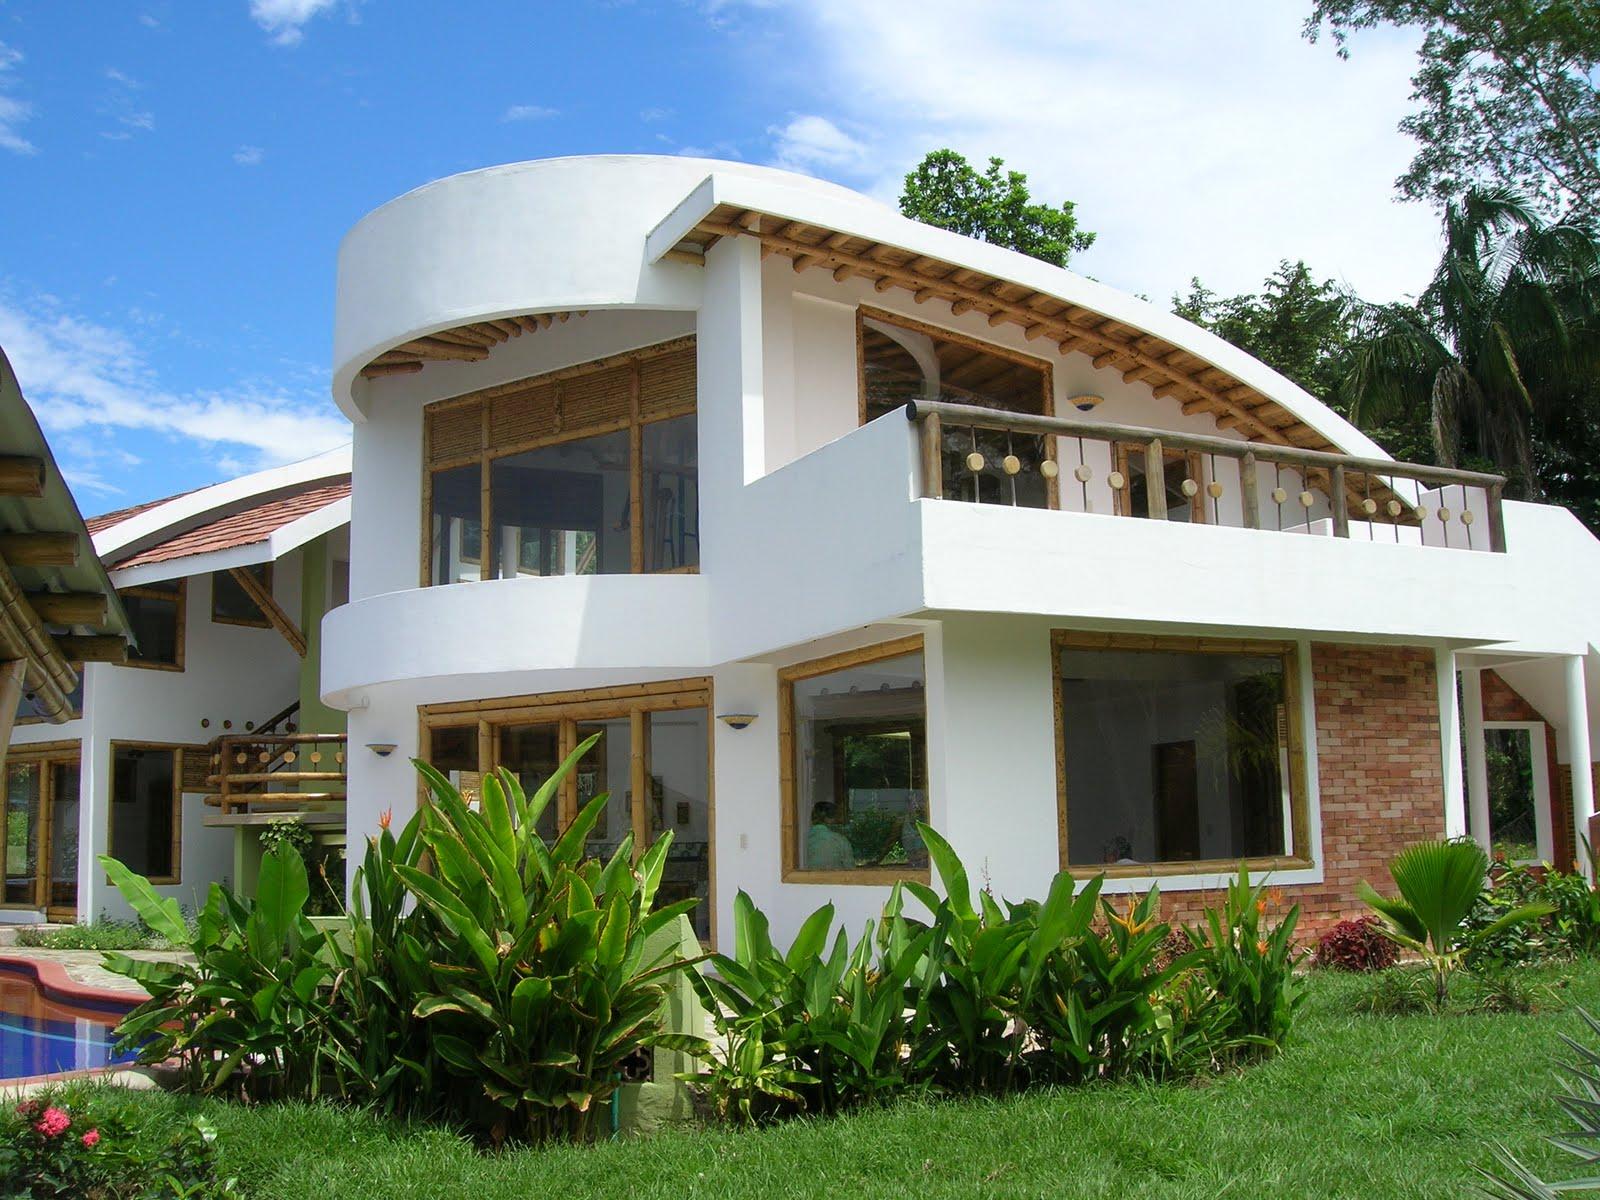 Alquiler y venta casas colombia casa para alquilar en - Fotos de las mejores casas ...